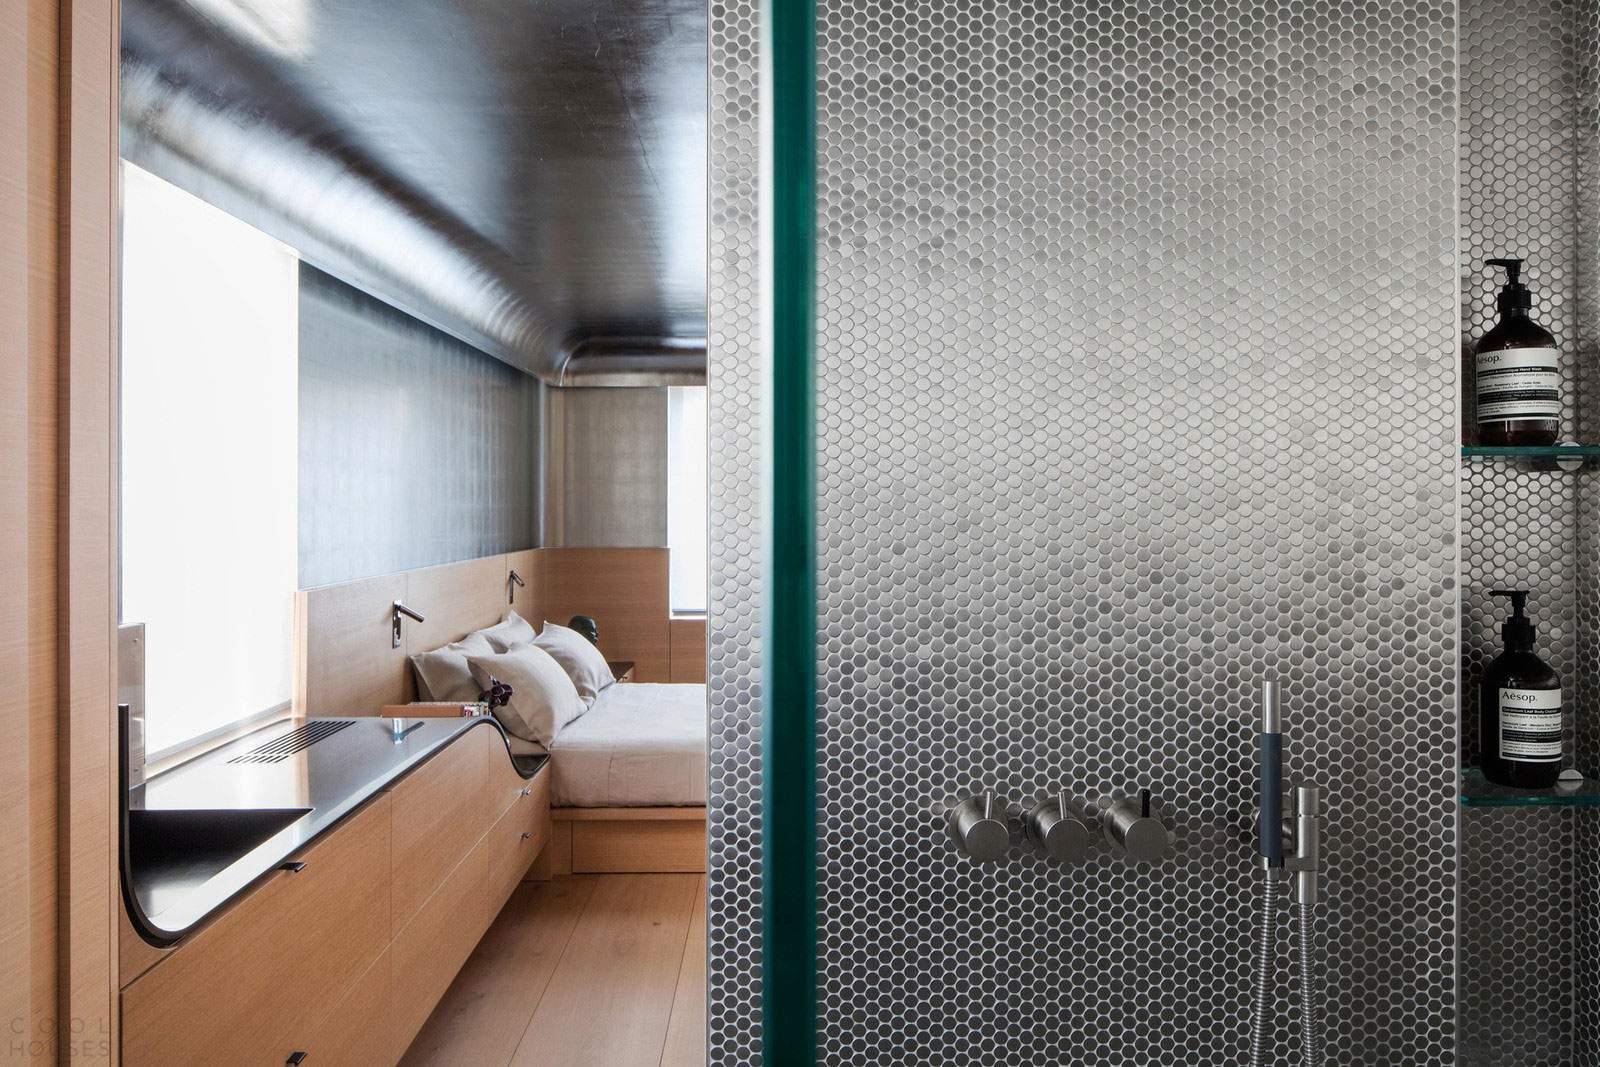 Уникальная квартира со стильным интерьером на Манхэттене, США